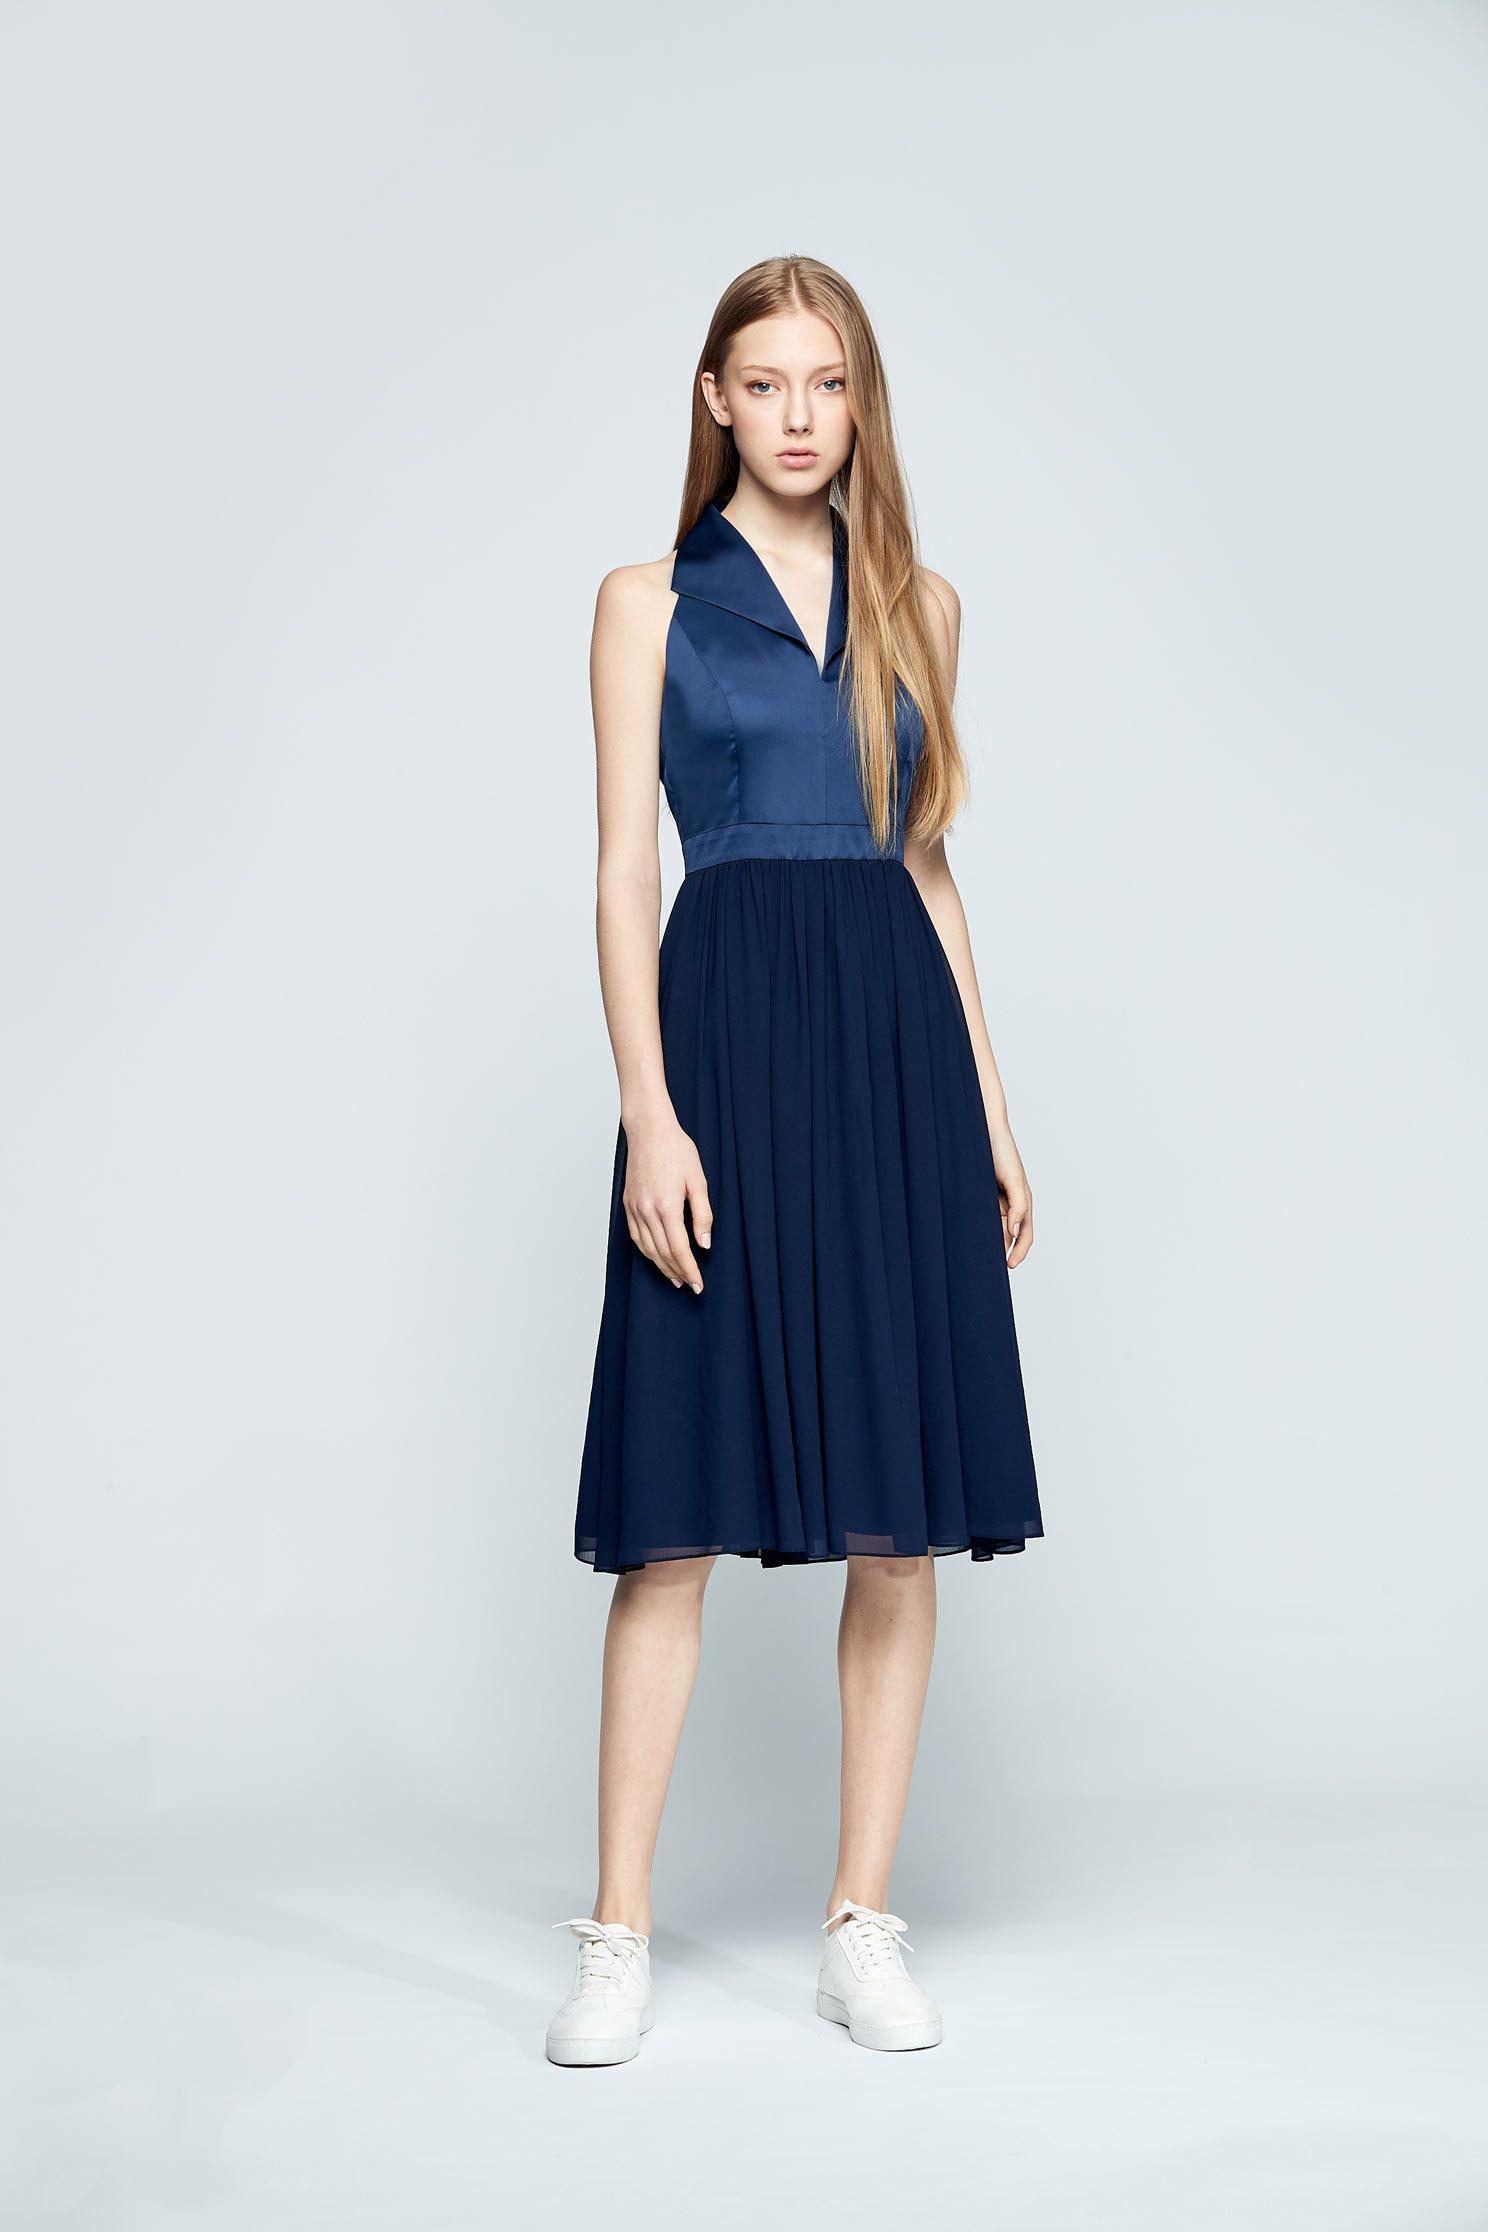 Elegant lapel design sleeveless dress,v-neckdress,cocktaildress,sleevelessdress,chiffon,chiffondress